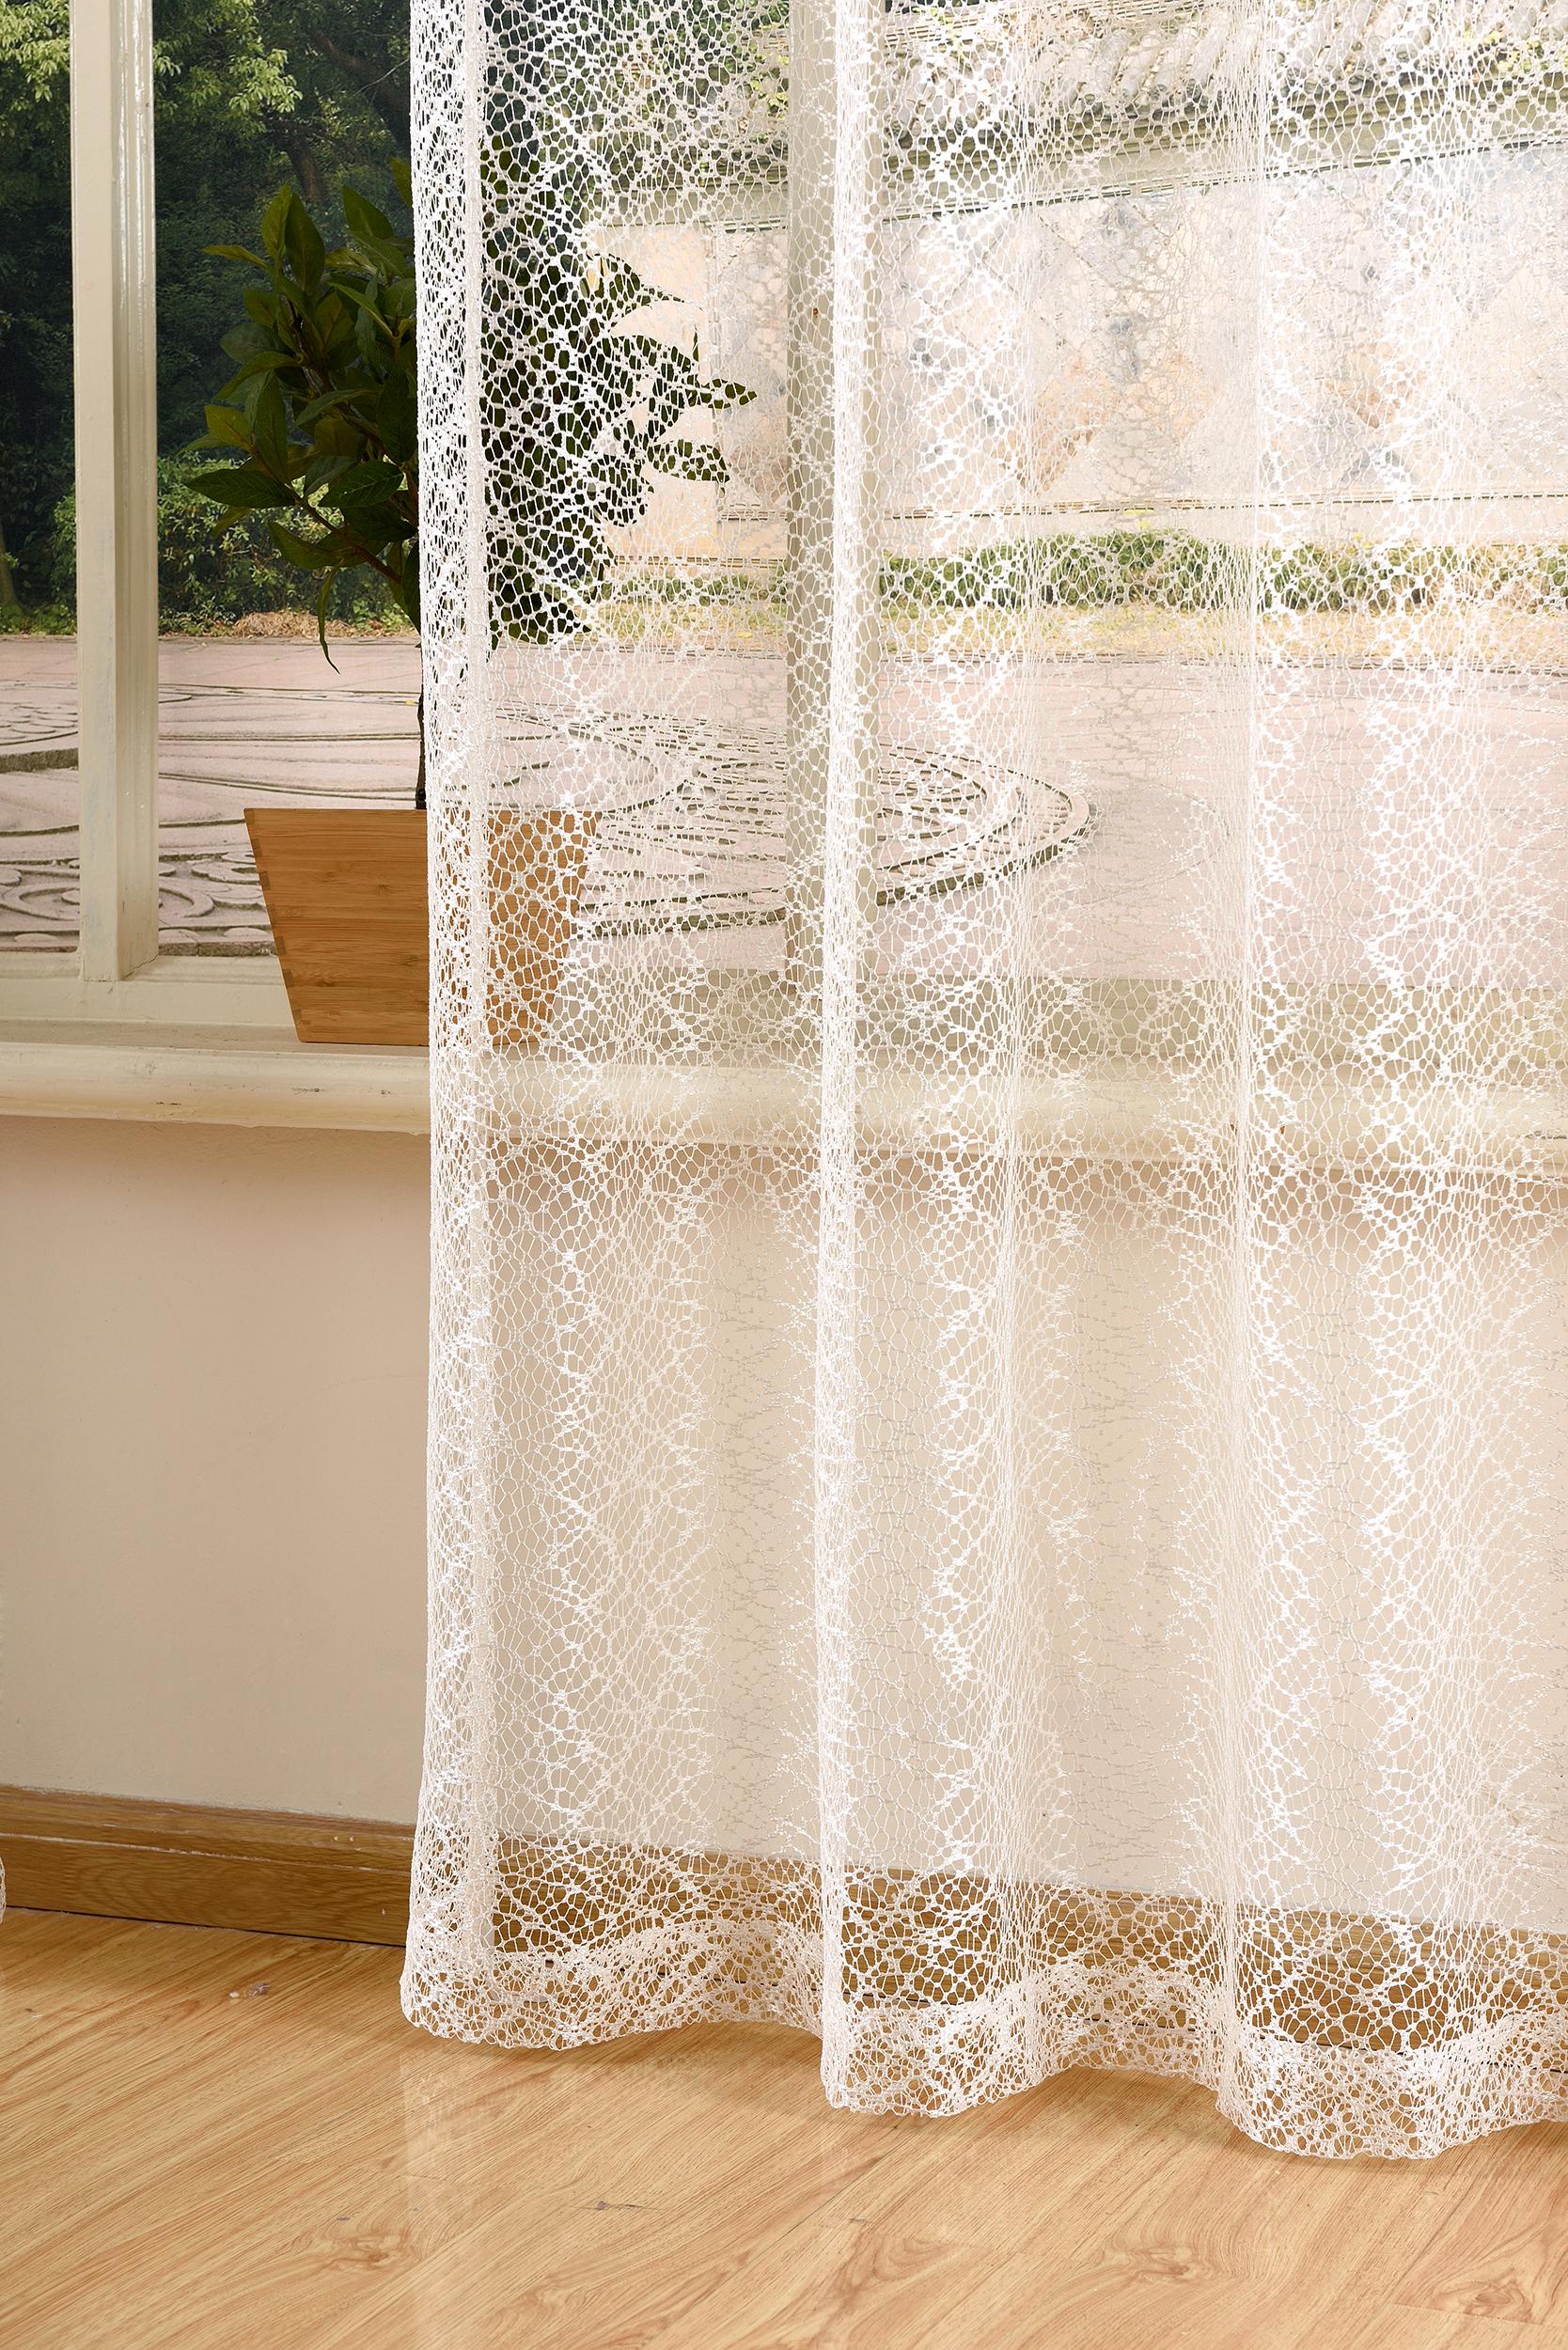 gardine netz struktur mit sen einfarbig transparent 1 st ck 245x140 natur 4041984826848 ebay. Black Bedroom Furniture Sets. Home Design Ideas